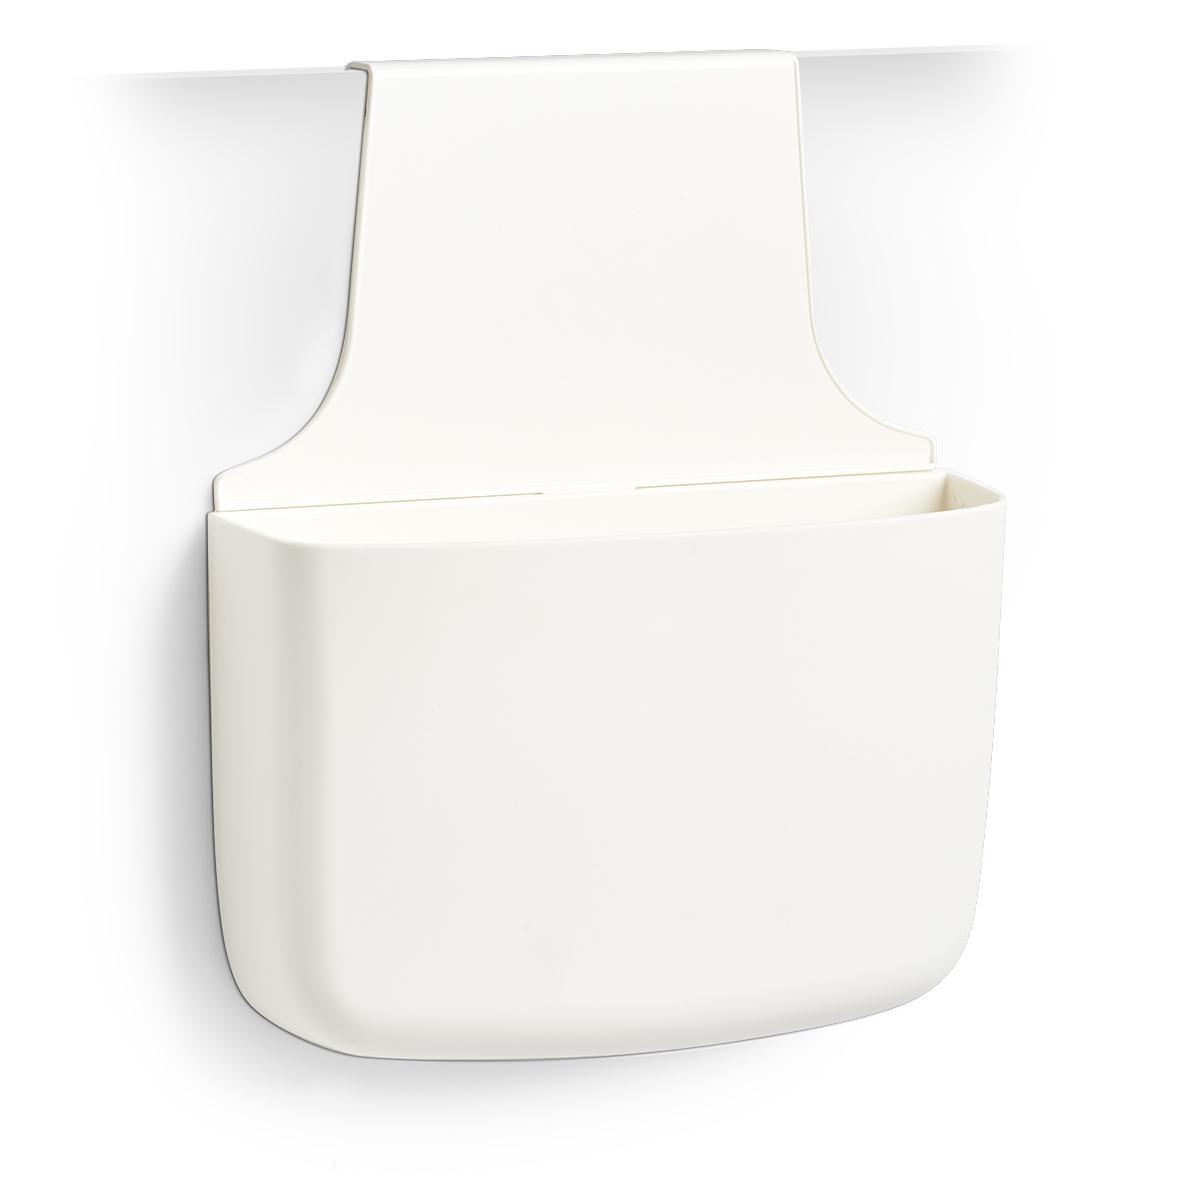 Organizator pentru usa din plastic, pentru produse de curatenie, Sink Alb, l28xA8,5xH34 cm imagine